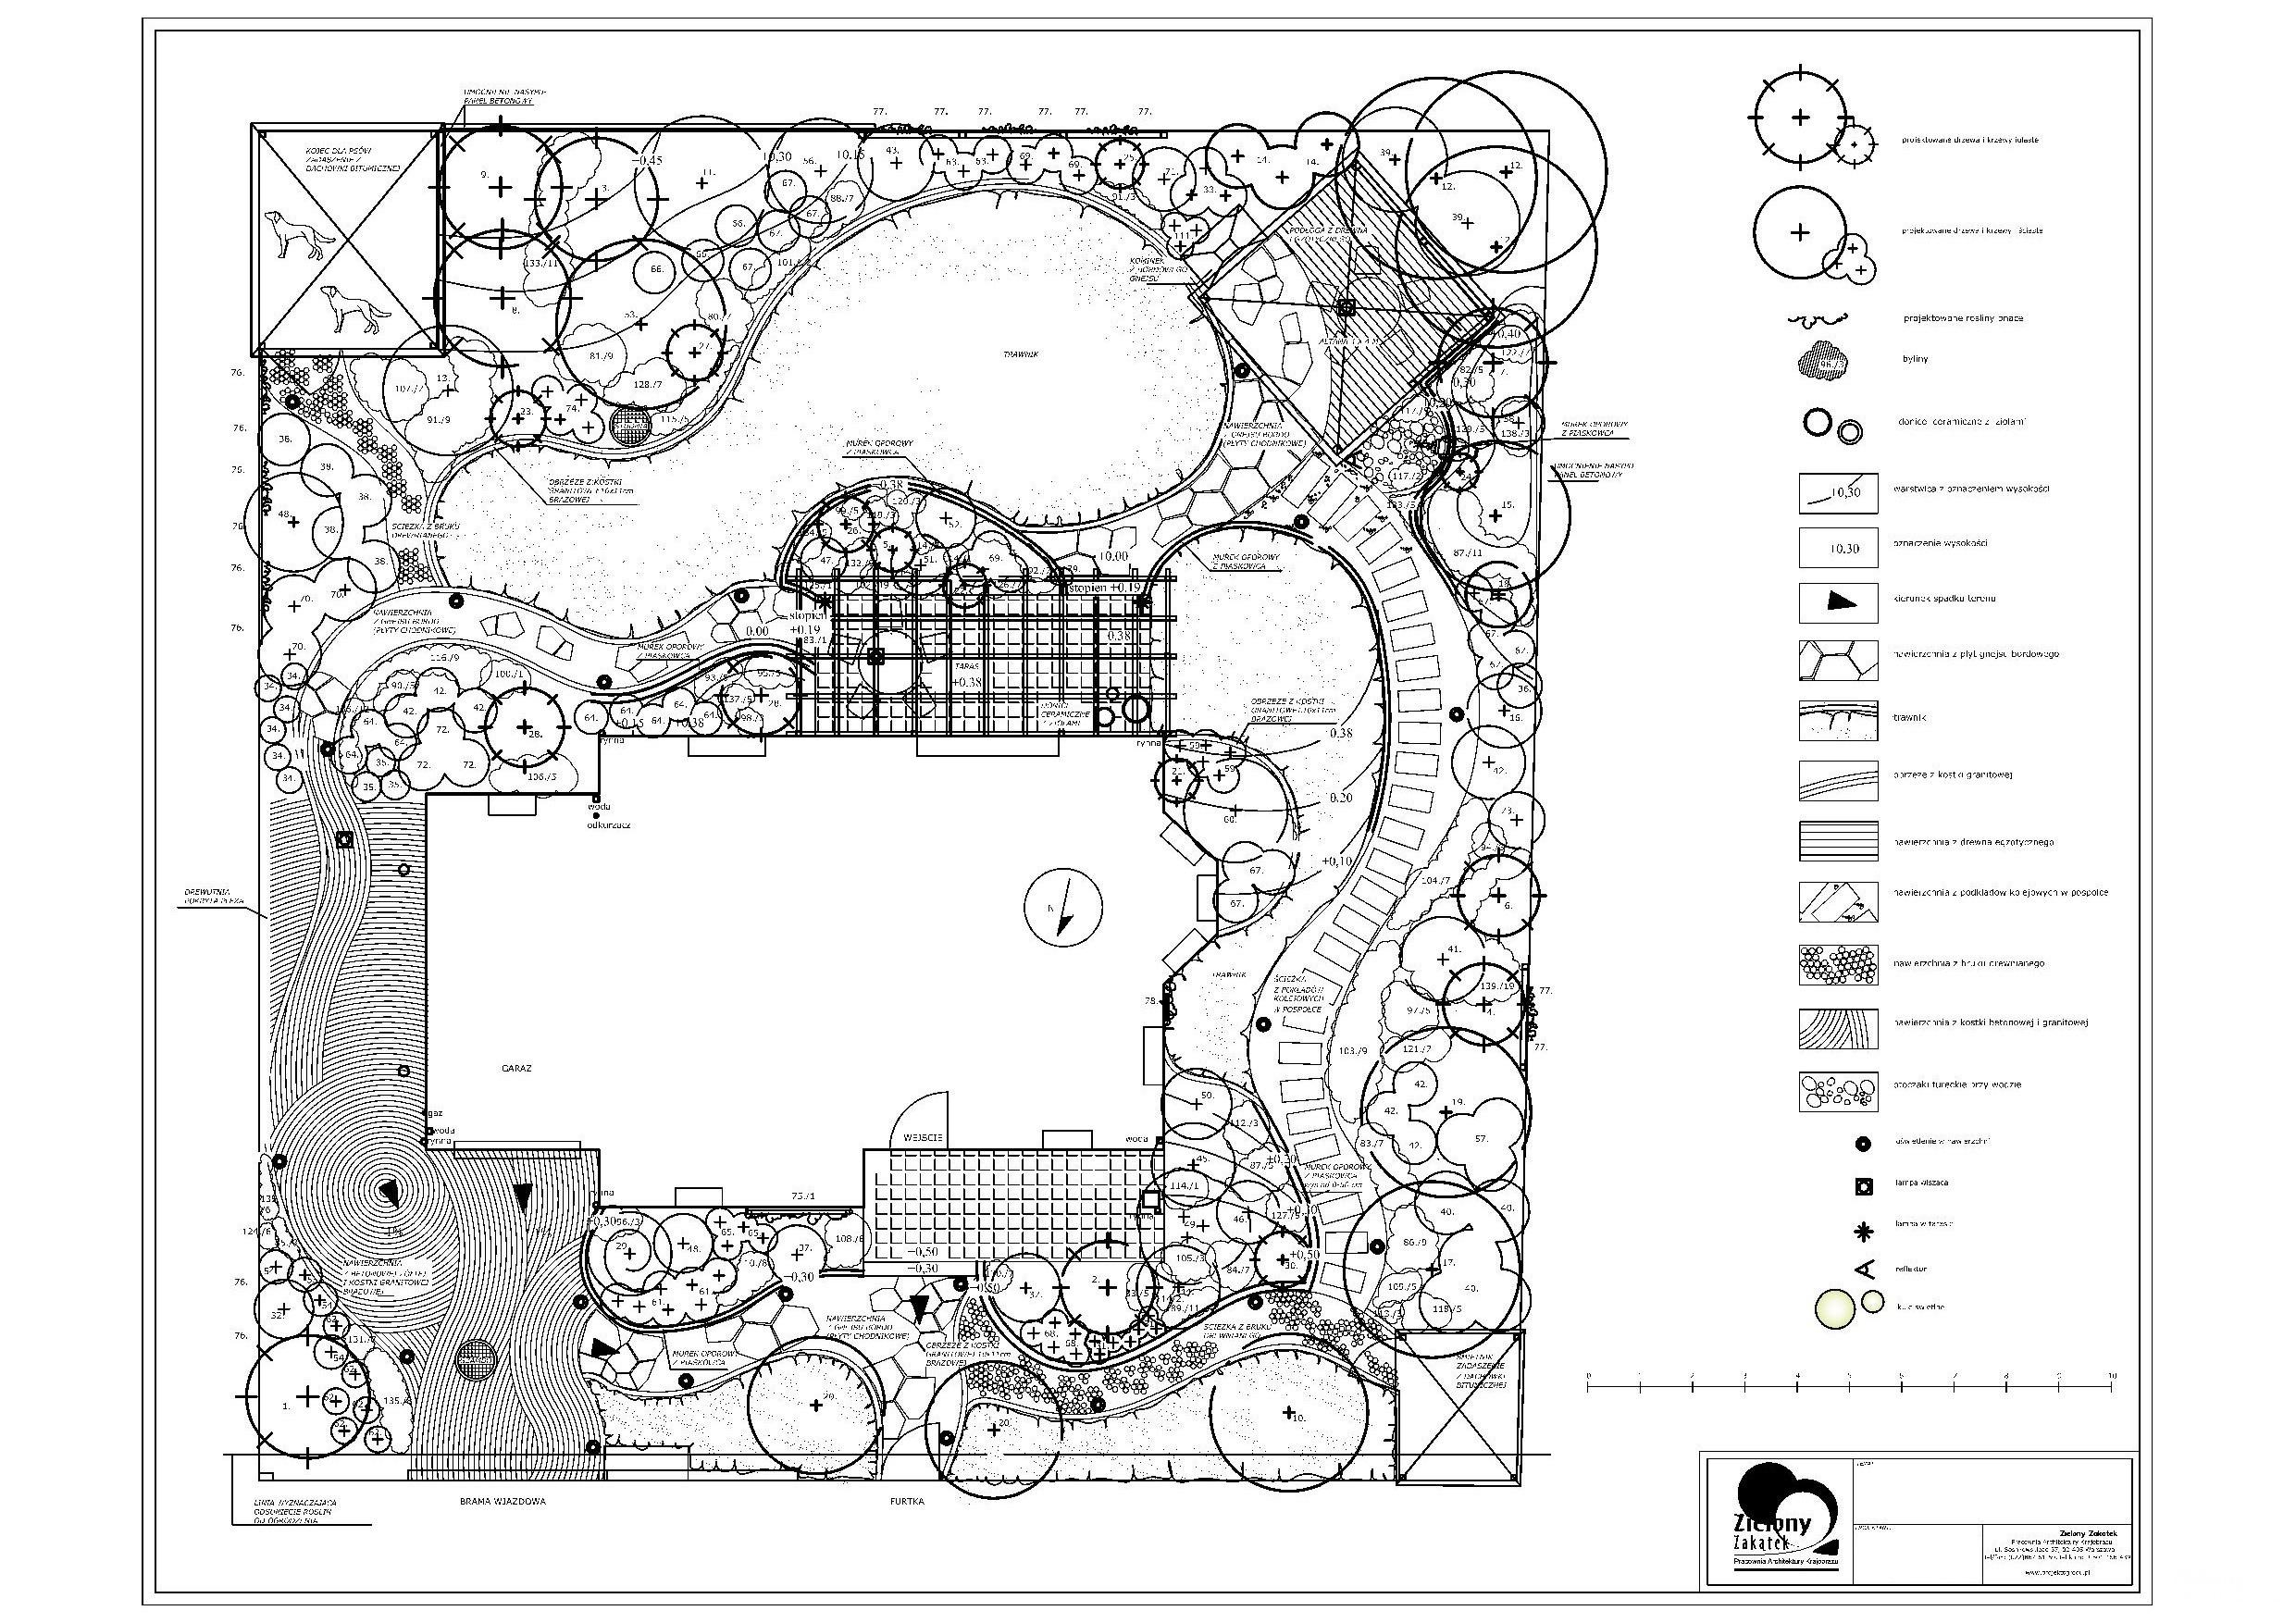 W_PROJEKTY_Traczyk_rysunki_2008-09-22_Traczyk_rośliny porealizacji Model (1)